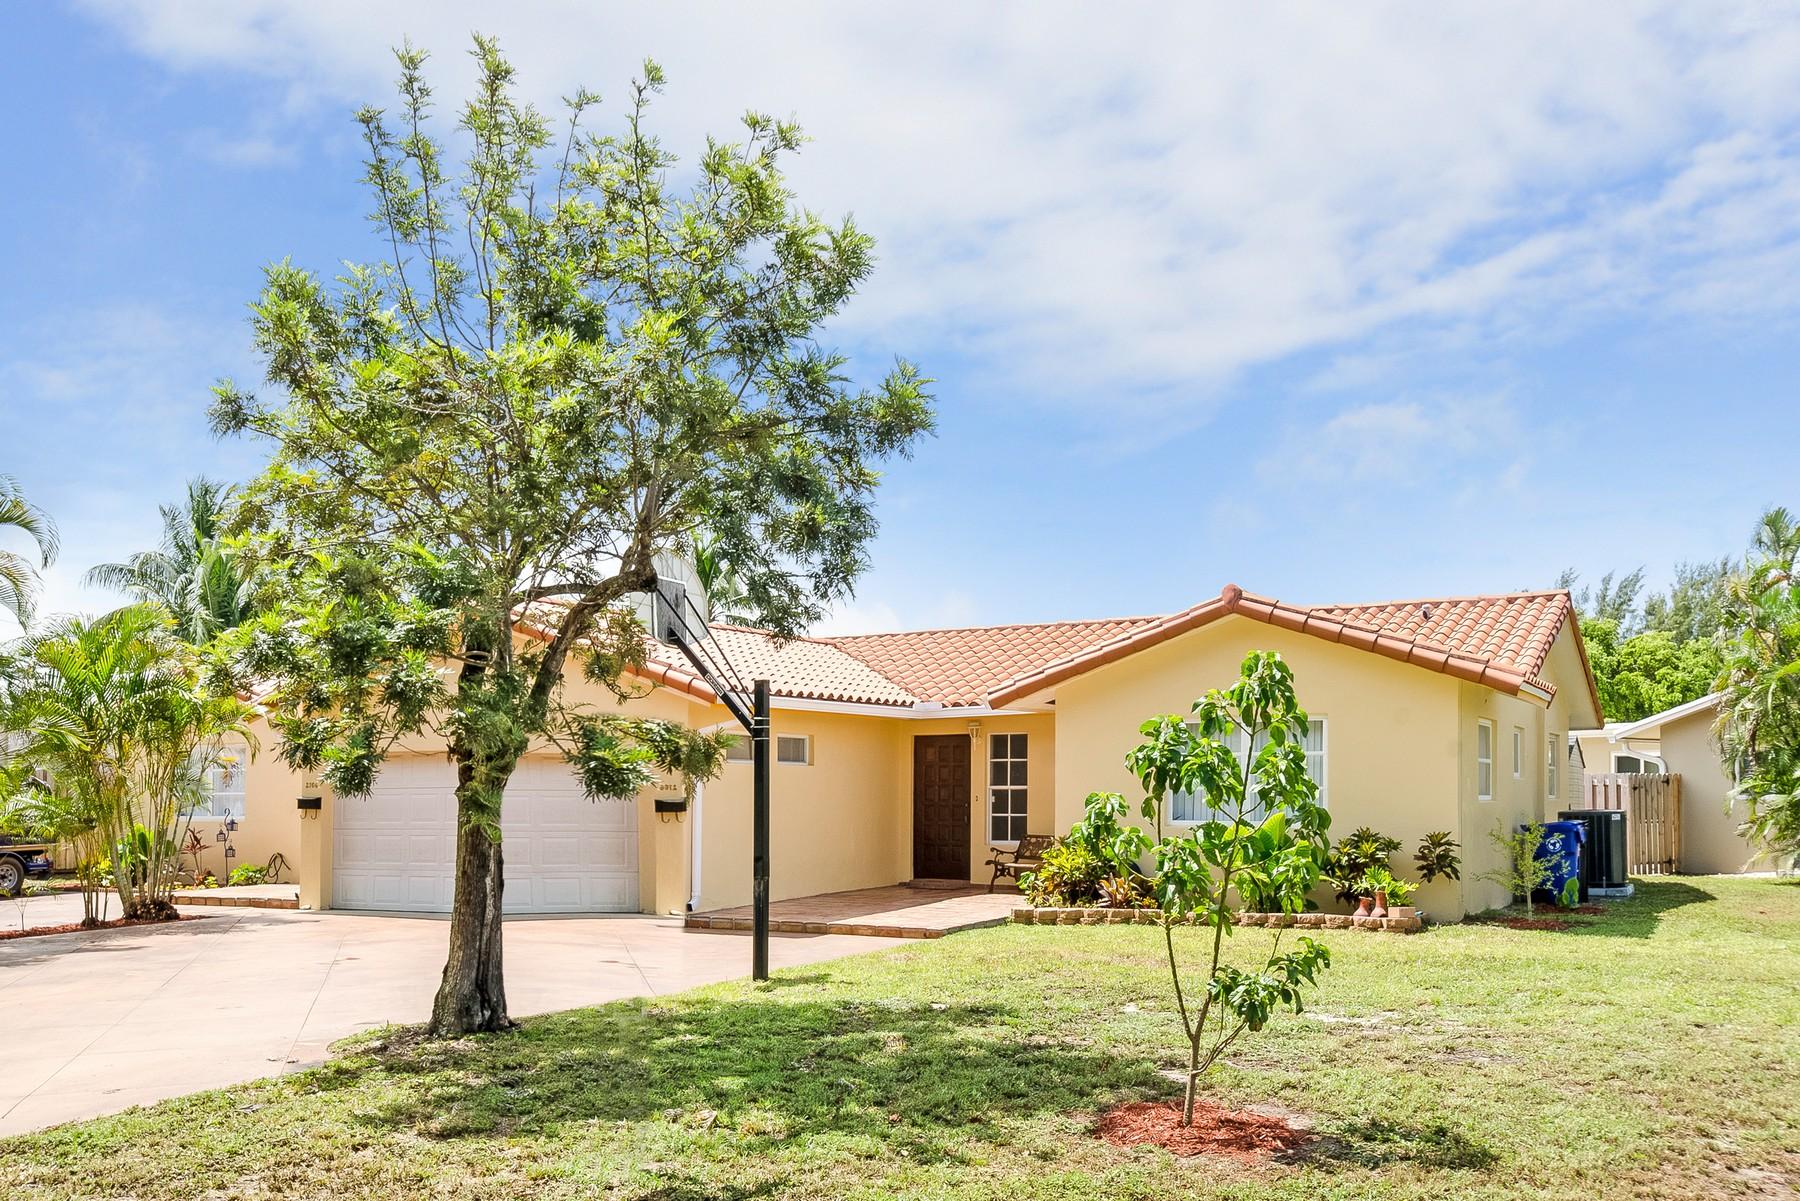 Maison unifamiliale pour l Vente à Lake Estates 2700 NE 57 St Fort Lauderdale, Florida 33308 États-Unis